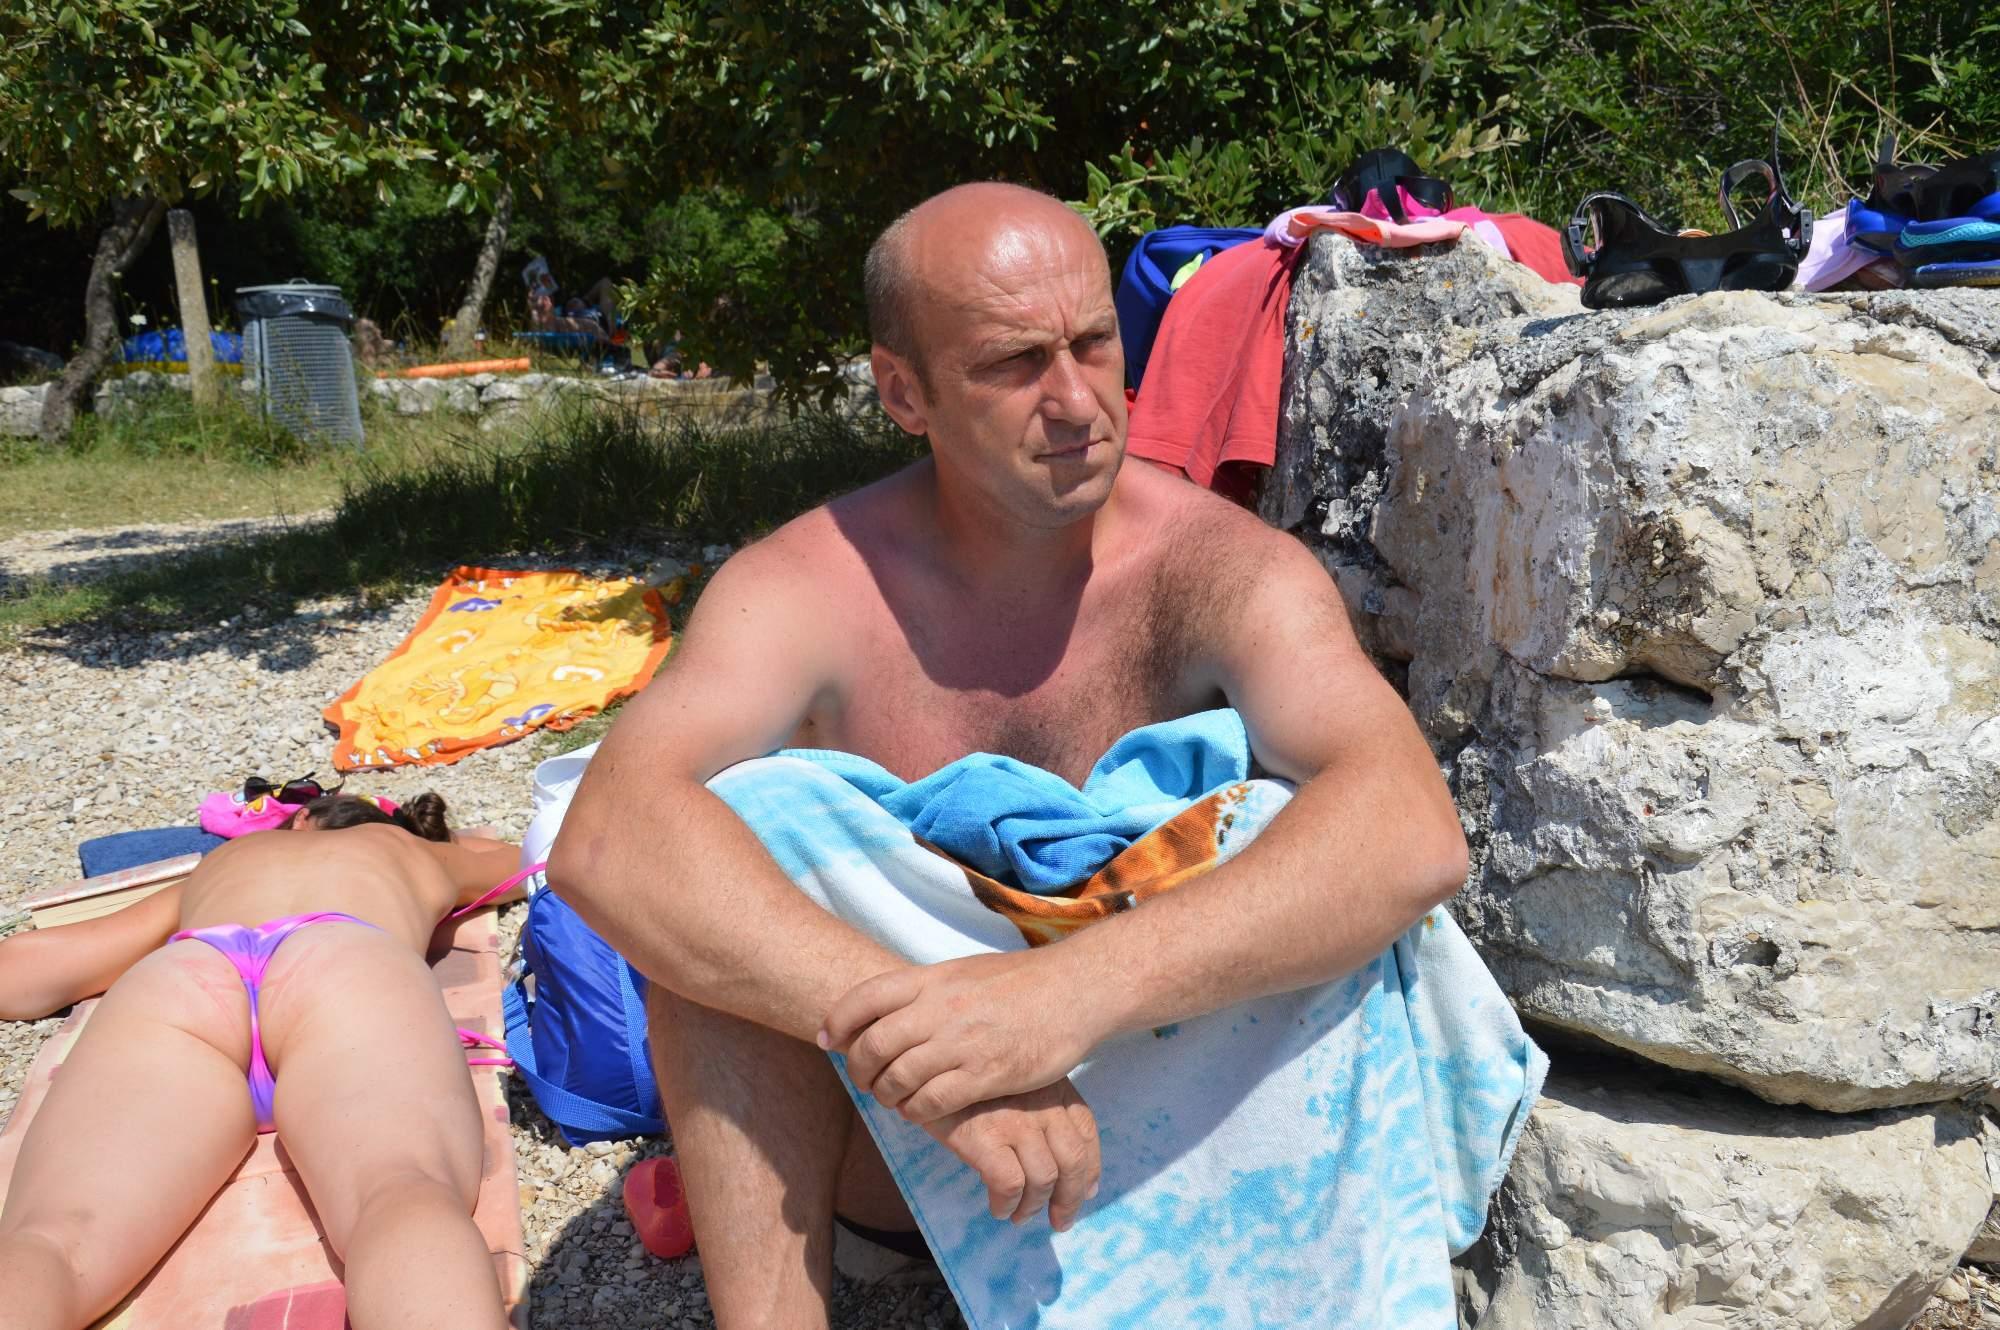 http://img19.rajce.idnes.cz/d1902/11/11369/11369498_ba1b1cc51aa2b100ecd01c05fe1b9075/images/DSC_0614.jpg